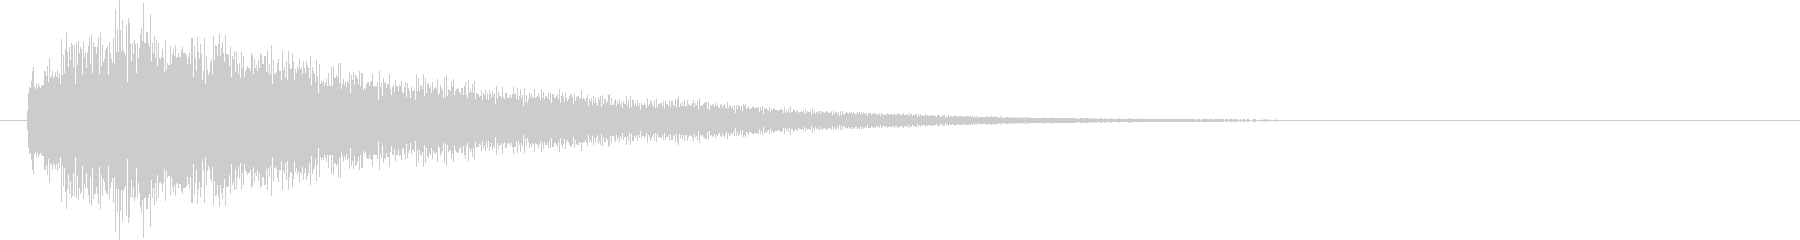 キラーン(ワンショット系)の未再生の波形